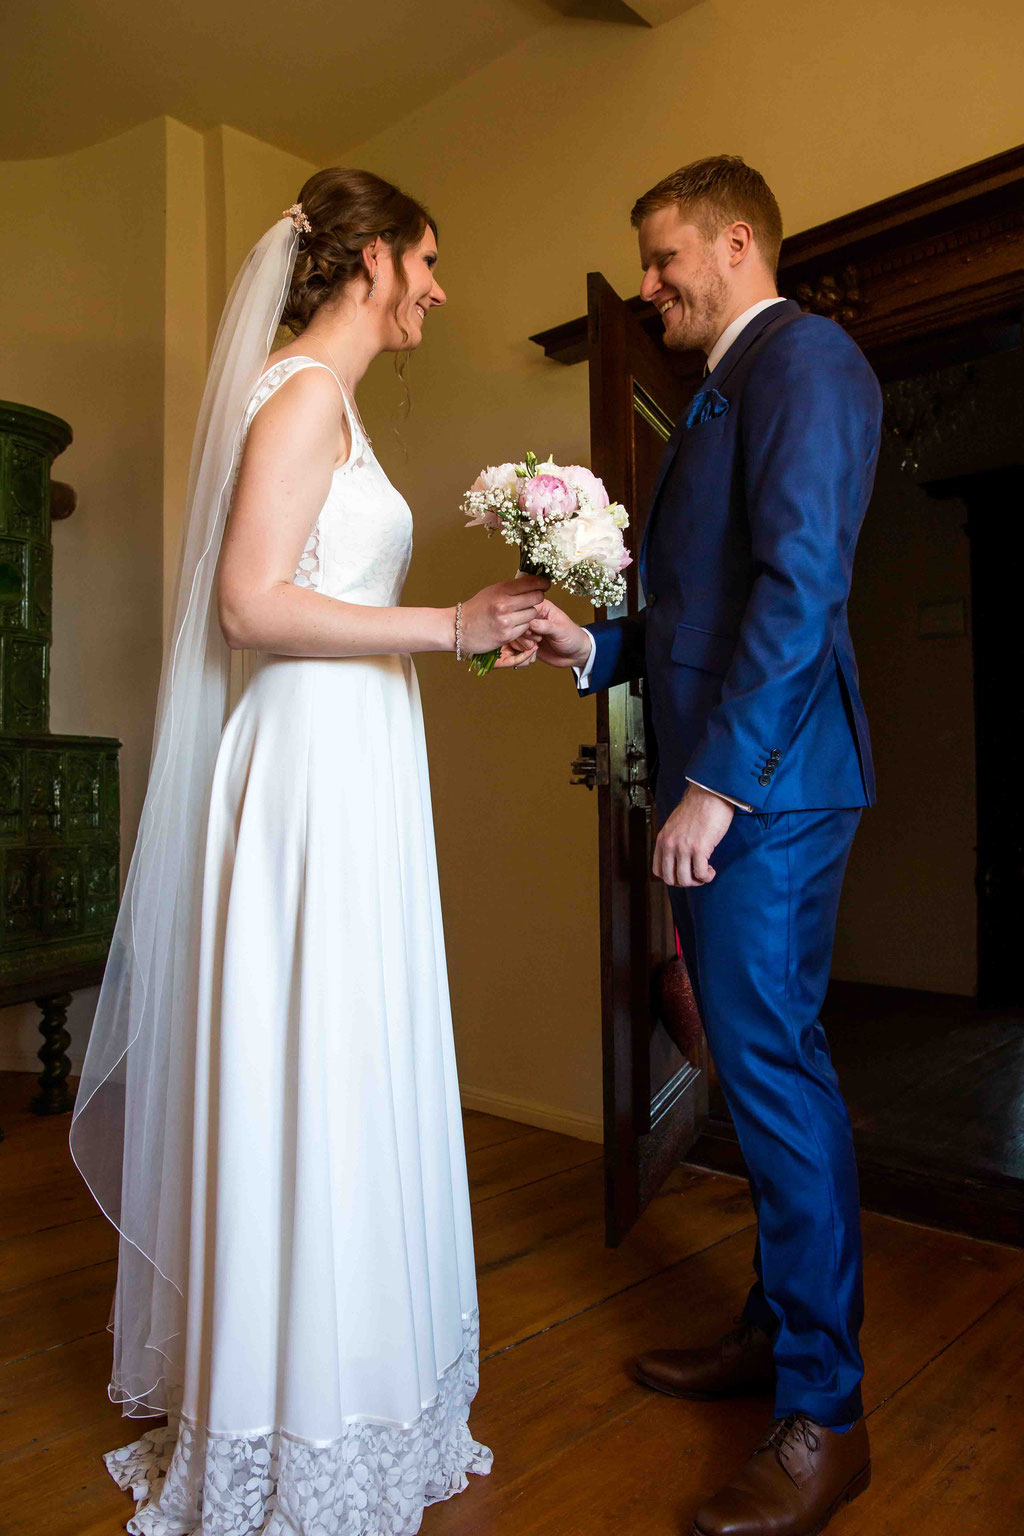 Hochzeitsfotograf, Hochzeitsreportage, Hochzeitslocation Schloss Schönborn Rheingau, Winkeler Str. 64, 65366 Geisenheim, first look, Überraschung an der Hochzeit, Hochzeitsbild, Hochzeitsfotografin fotografiert Trauung